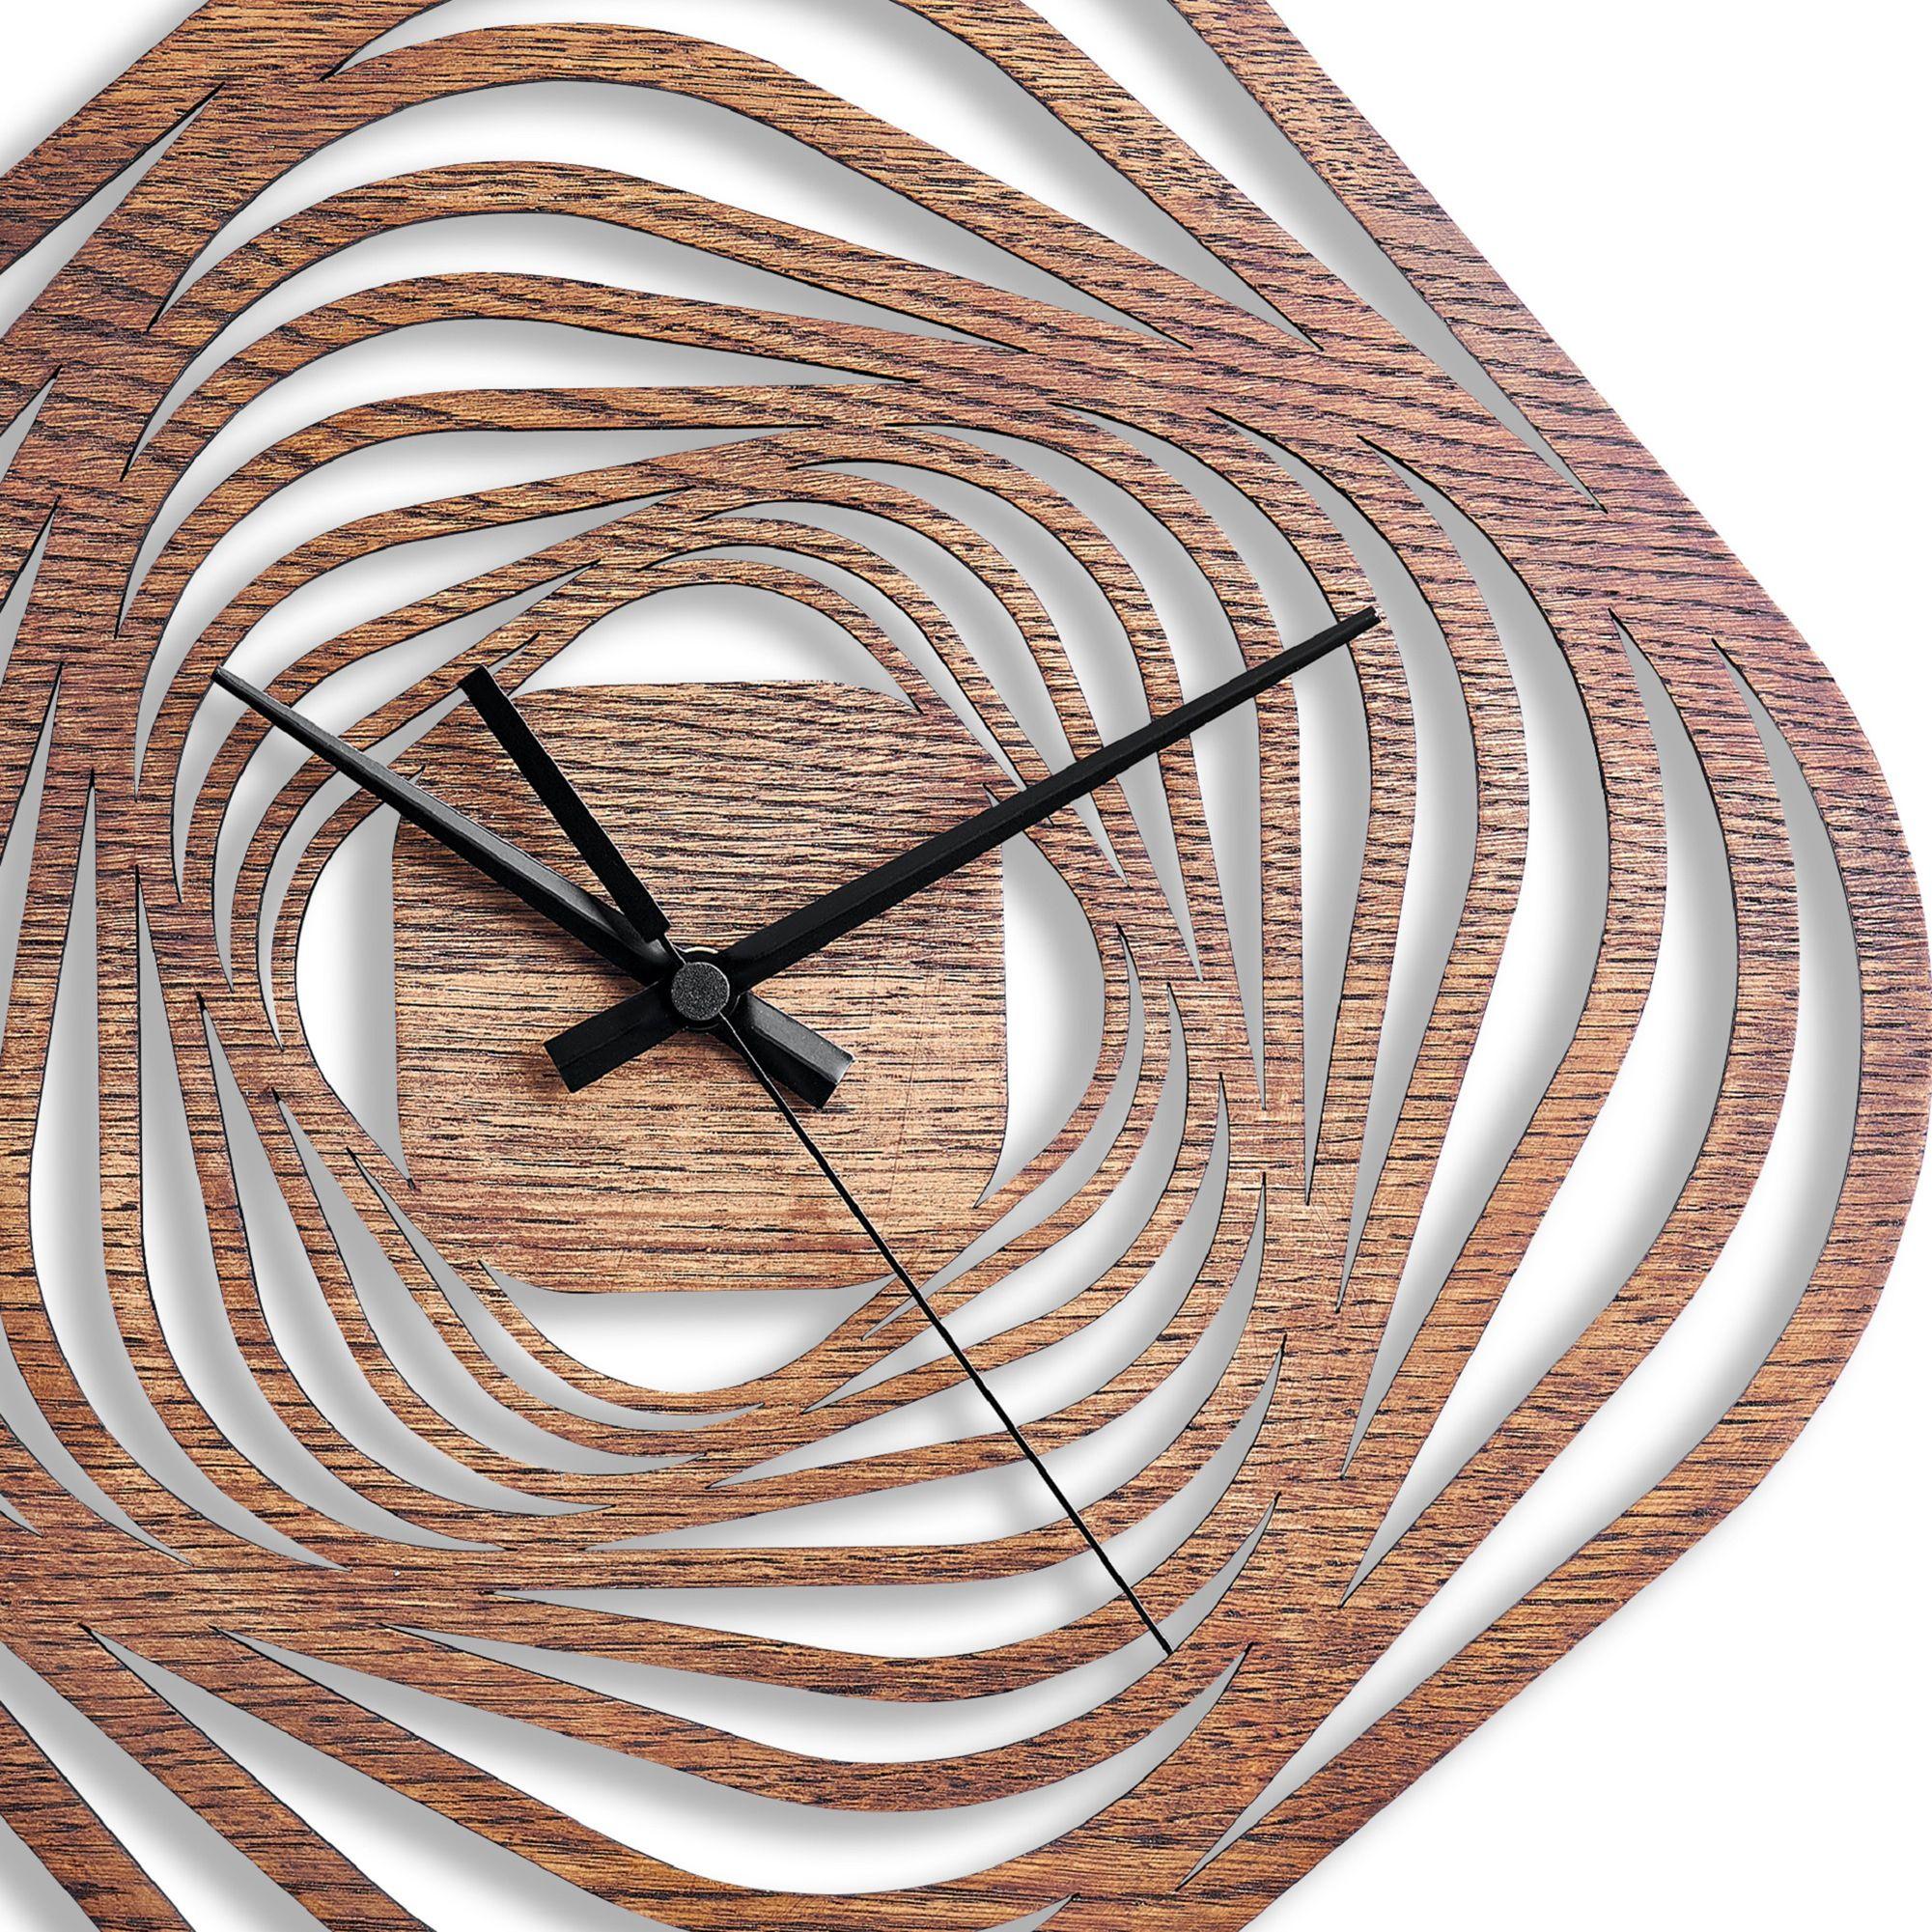 Wooden Wall Clocks Natural Wood Clock Wood Wall Clock Round Wall Clock Decorative Wood Clock Modern Wall Clock Live Edge Wood Relojes De Madera Relojes De Pared Grande Relojes De Pared